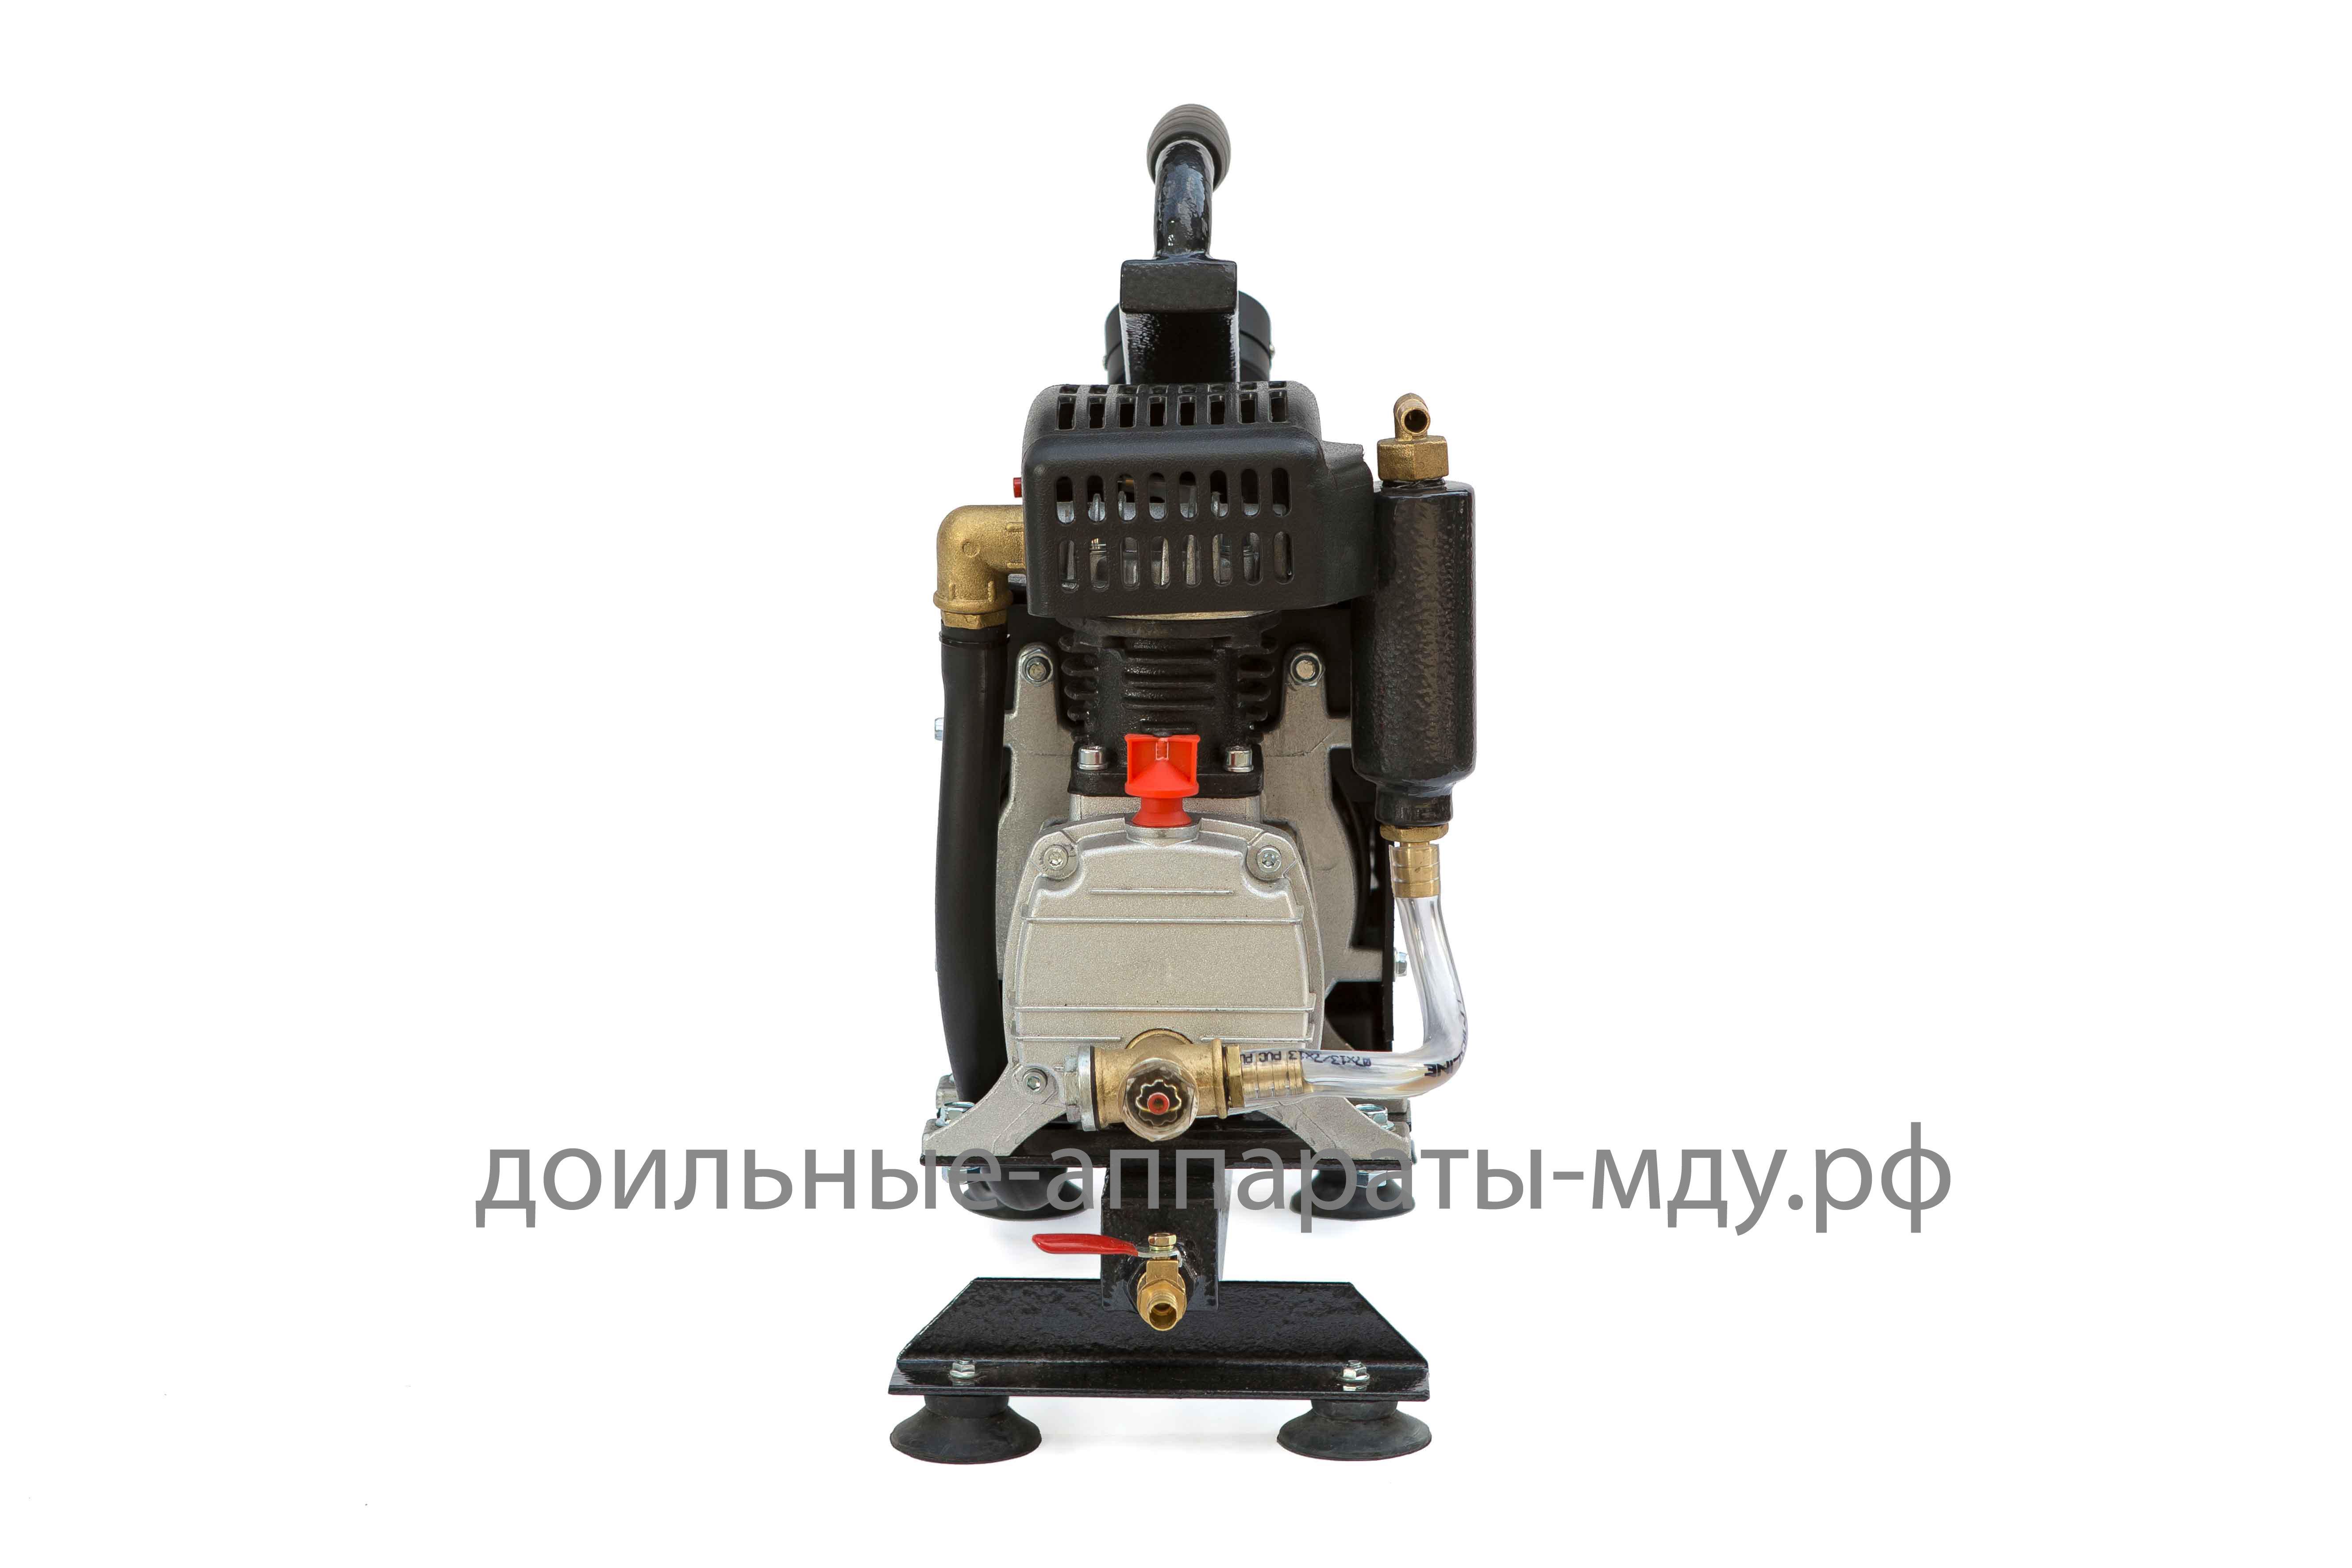 Вакуумный насос МДУ-2